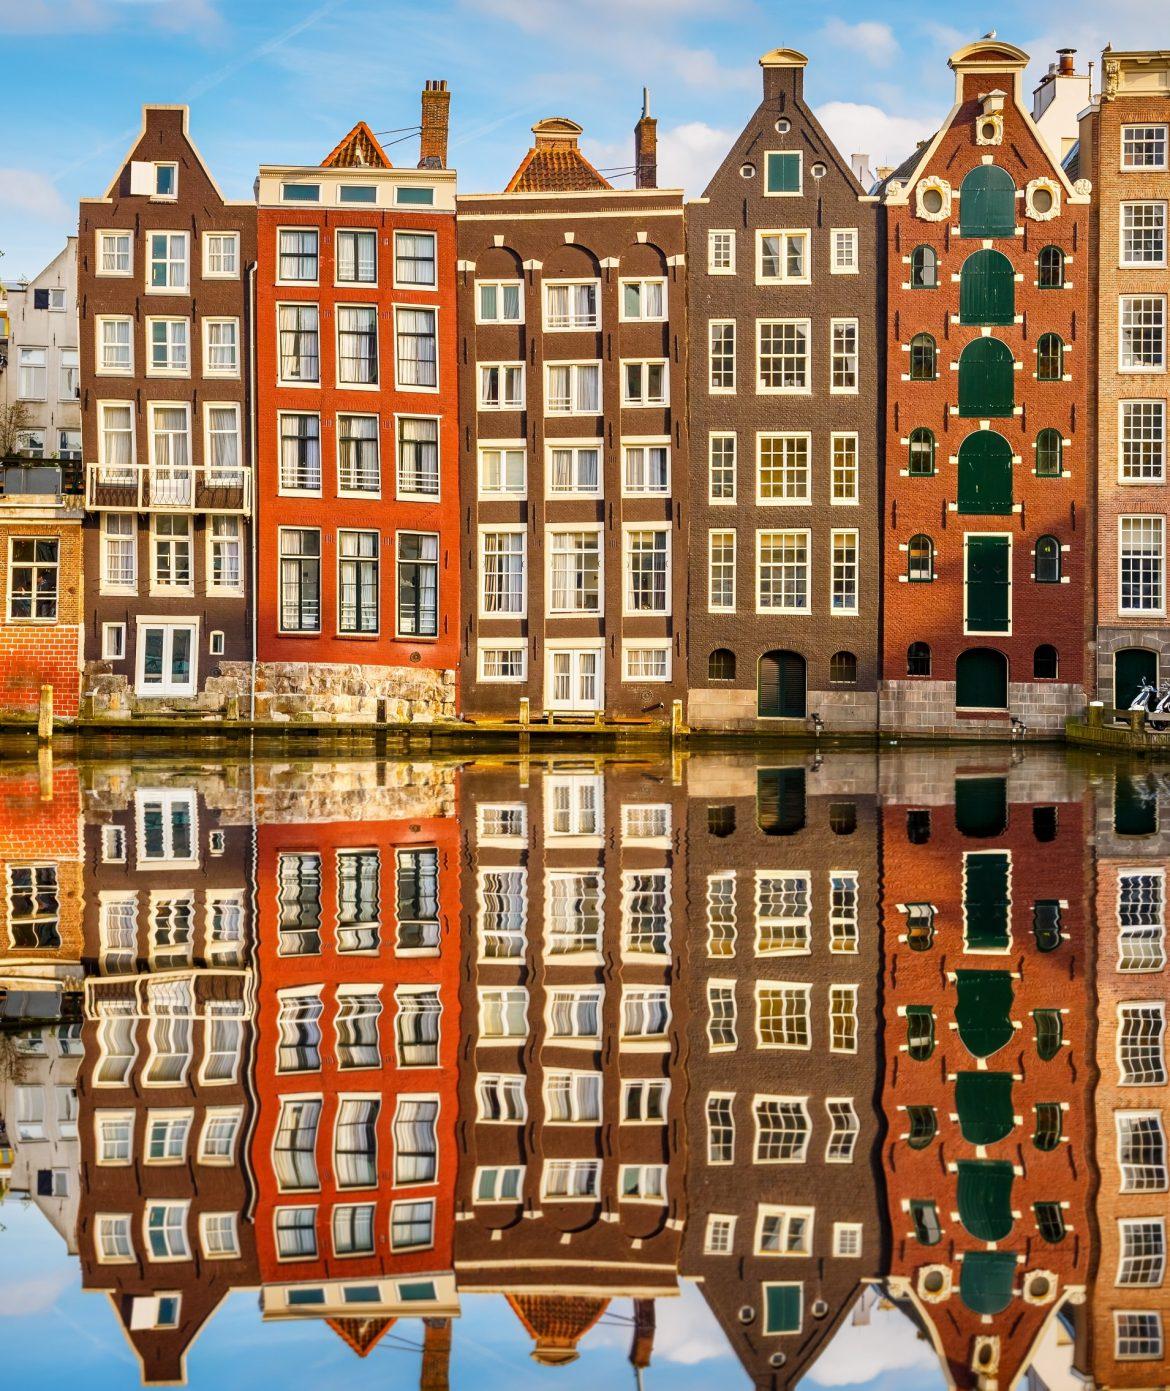 Amsterdam, case si specchiano in un canale